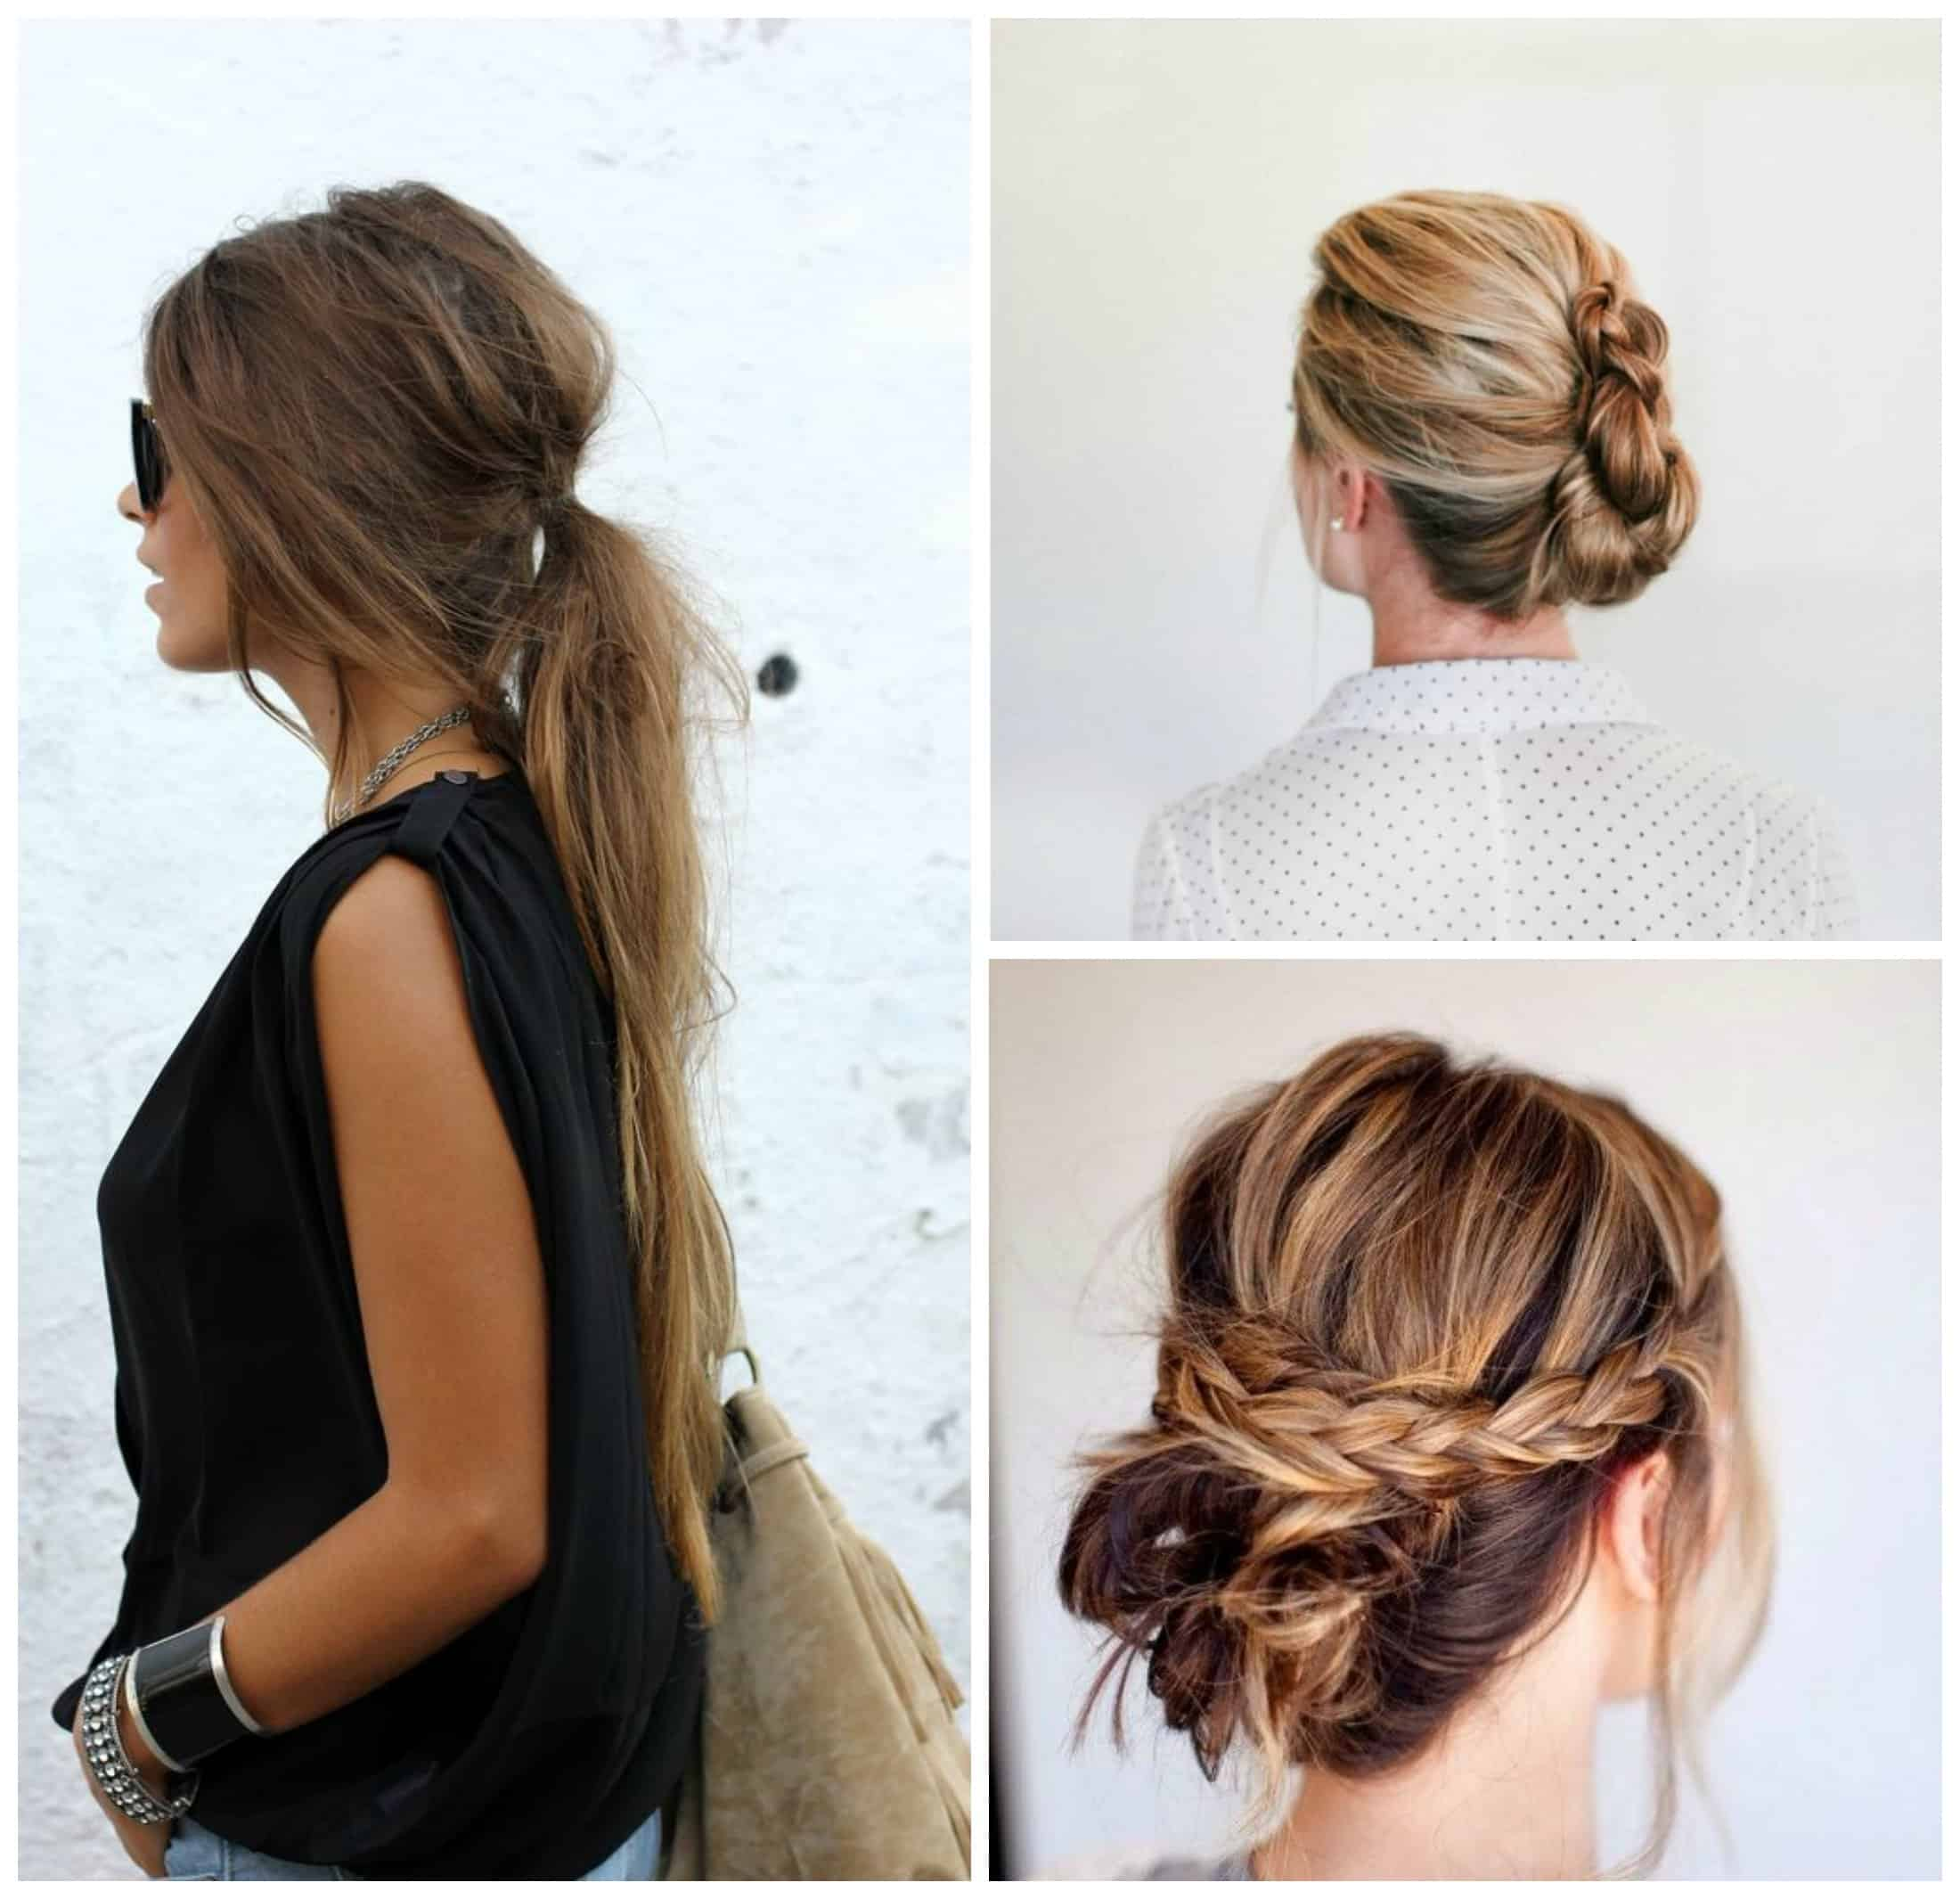 Trenzas sencillas y bonitas con cabello suelto - Peinados y trenzas ...